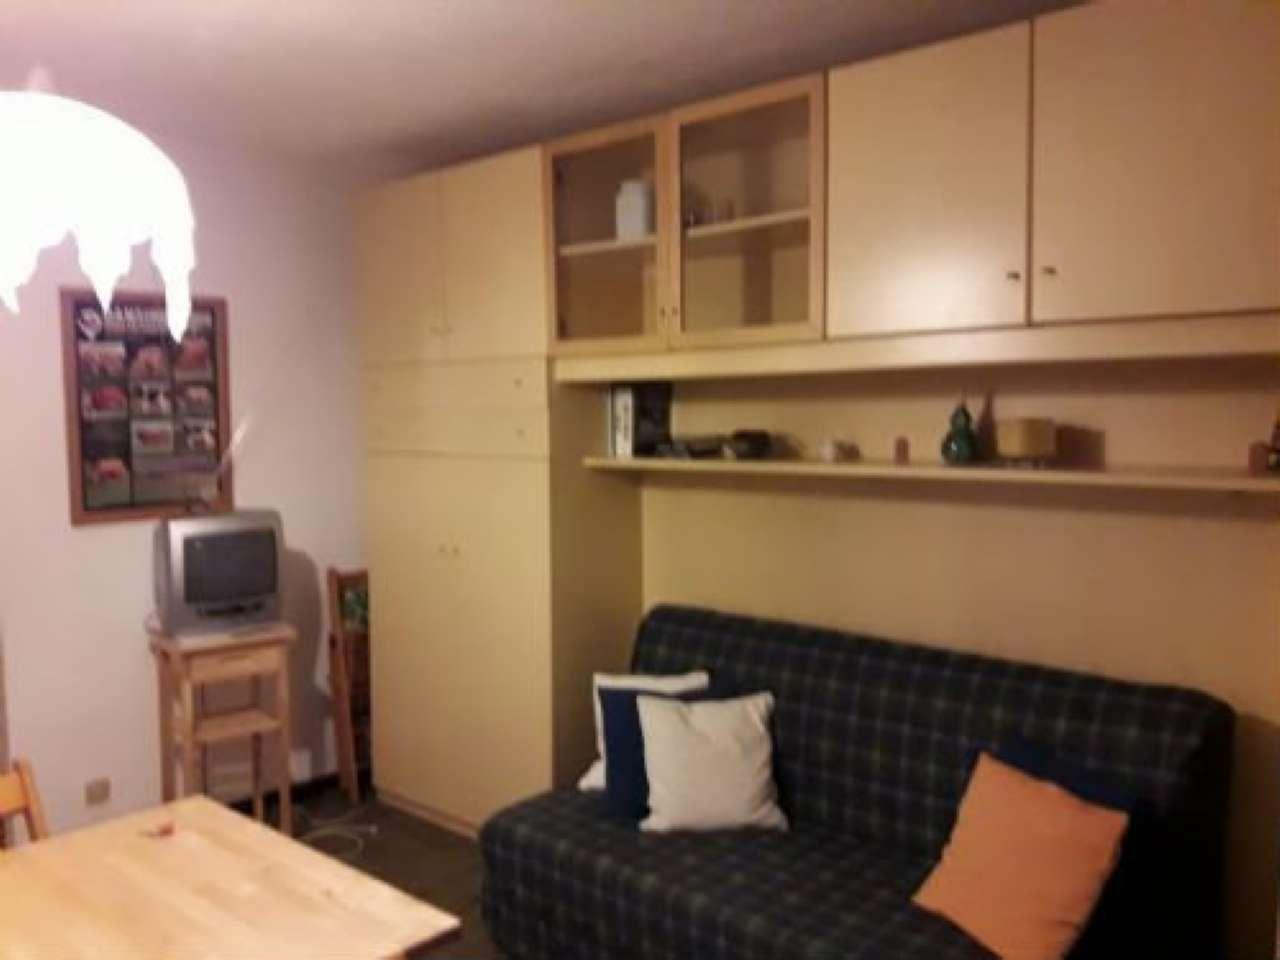 Appartamento in vendita a Limone Piemonte, 2 locali, prezzo € 110.000 | CambioCasa.it